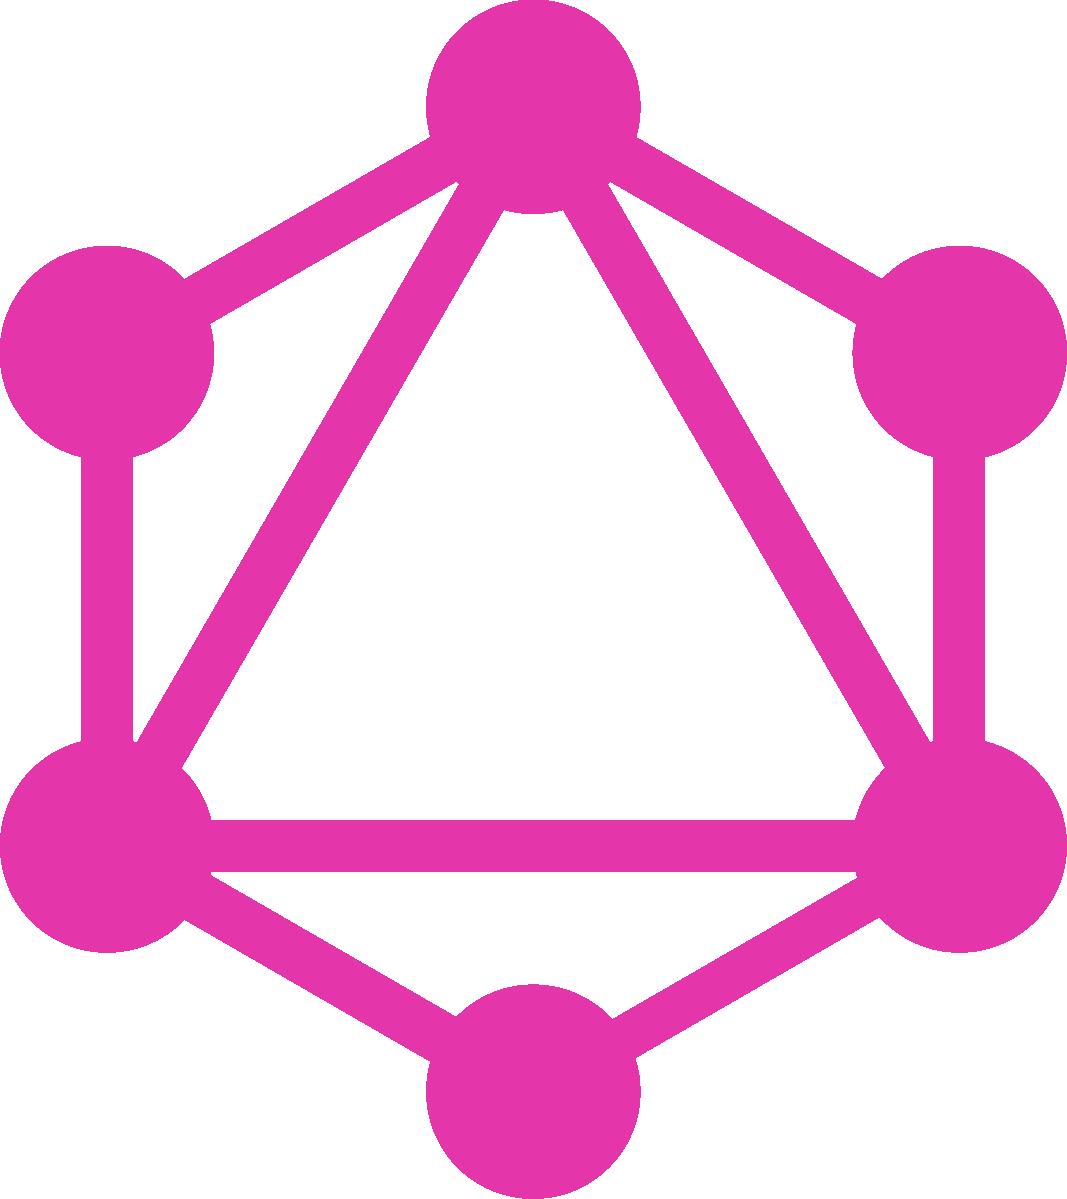 graphql-color-icon.png